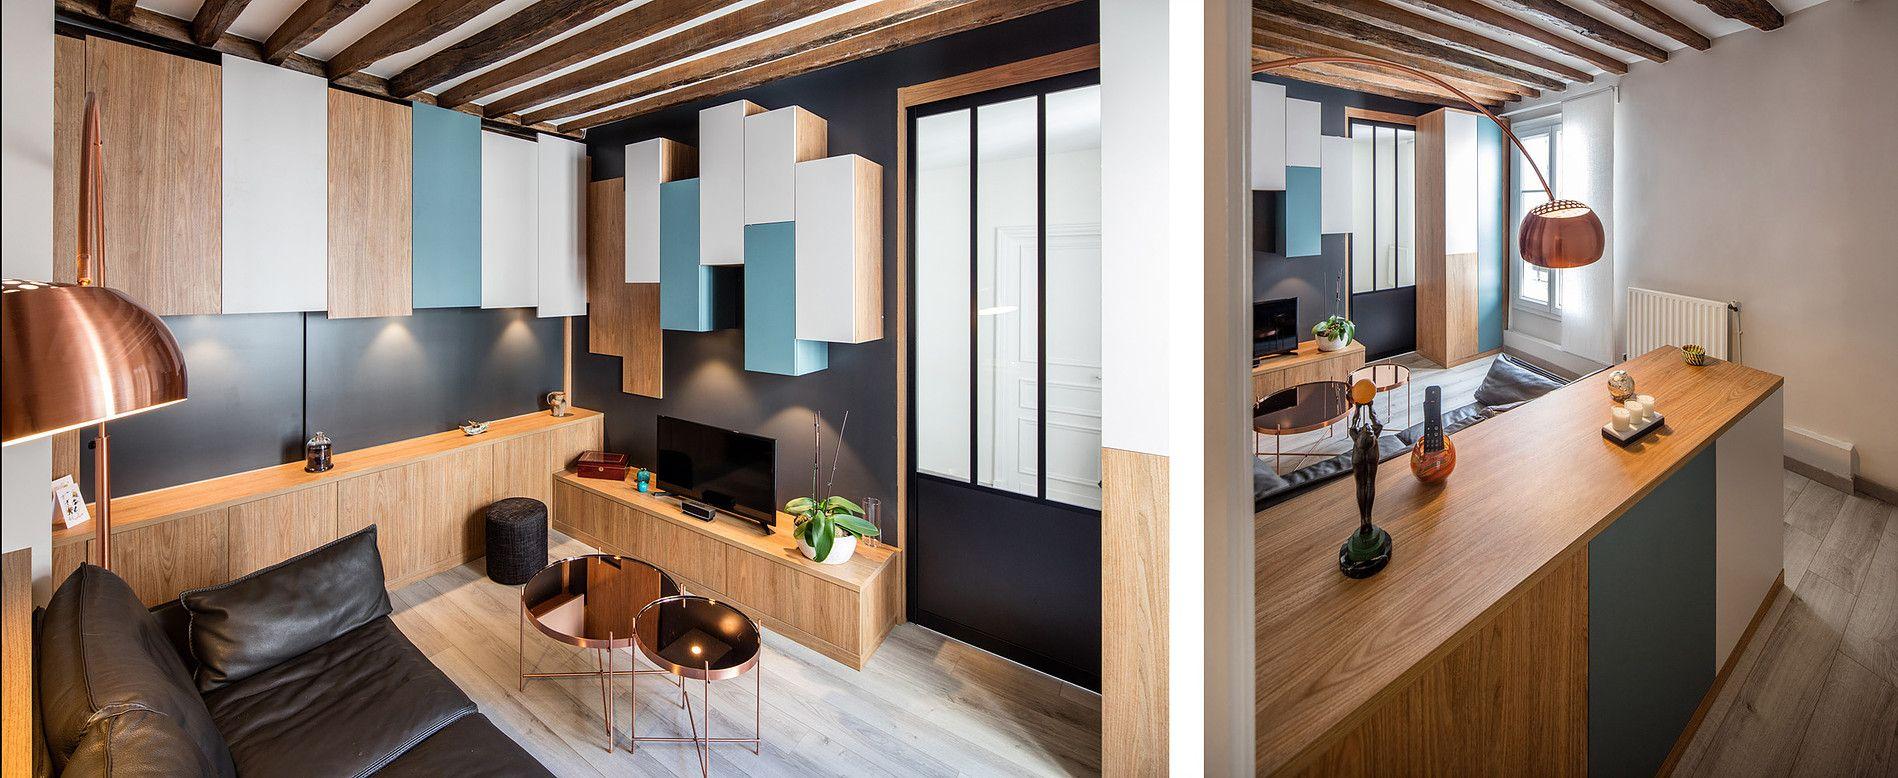 Verticalite Horizontalite Petit Espace Photographe Architecture Maison Agencement Interieur